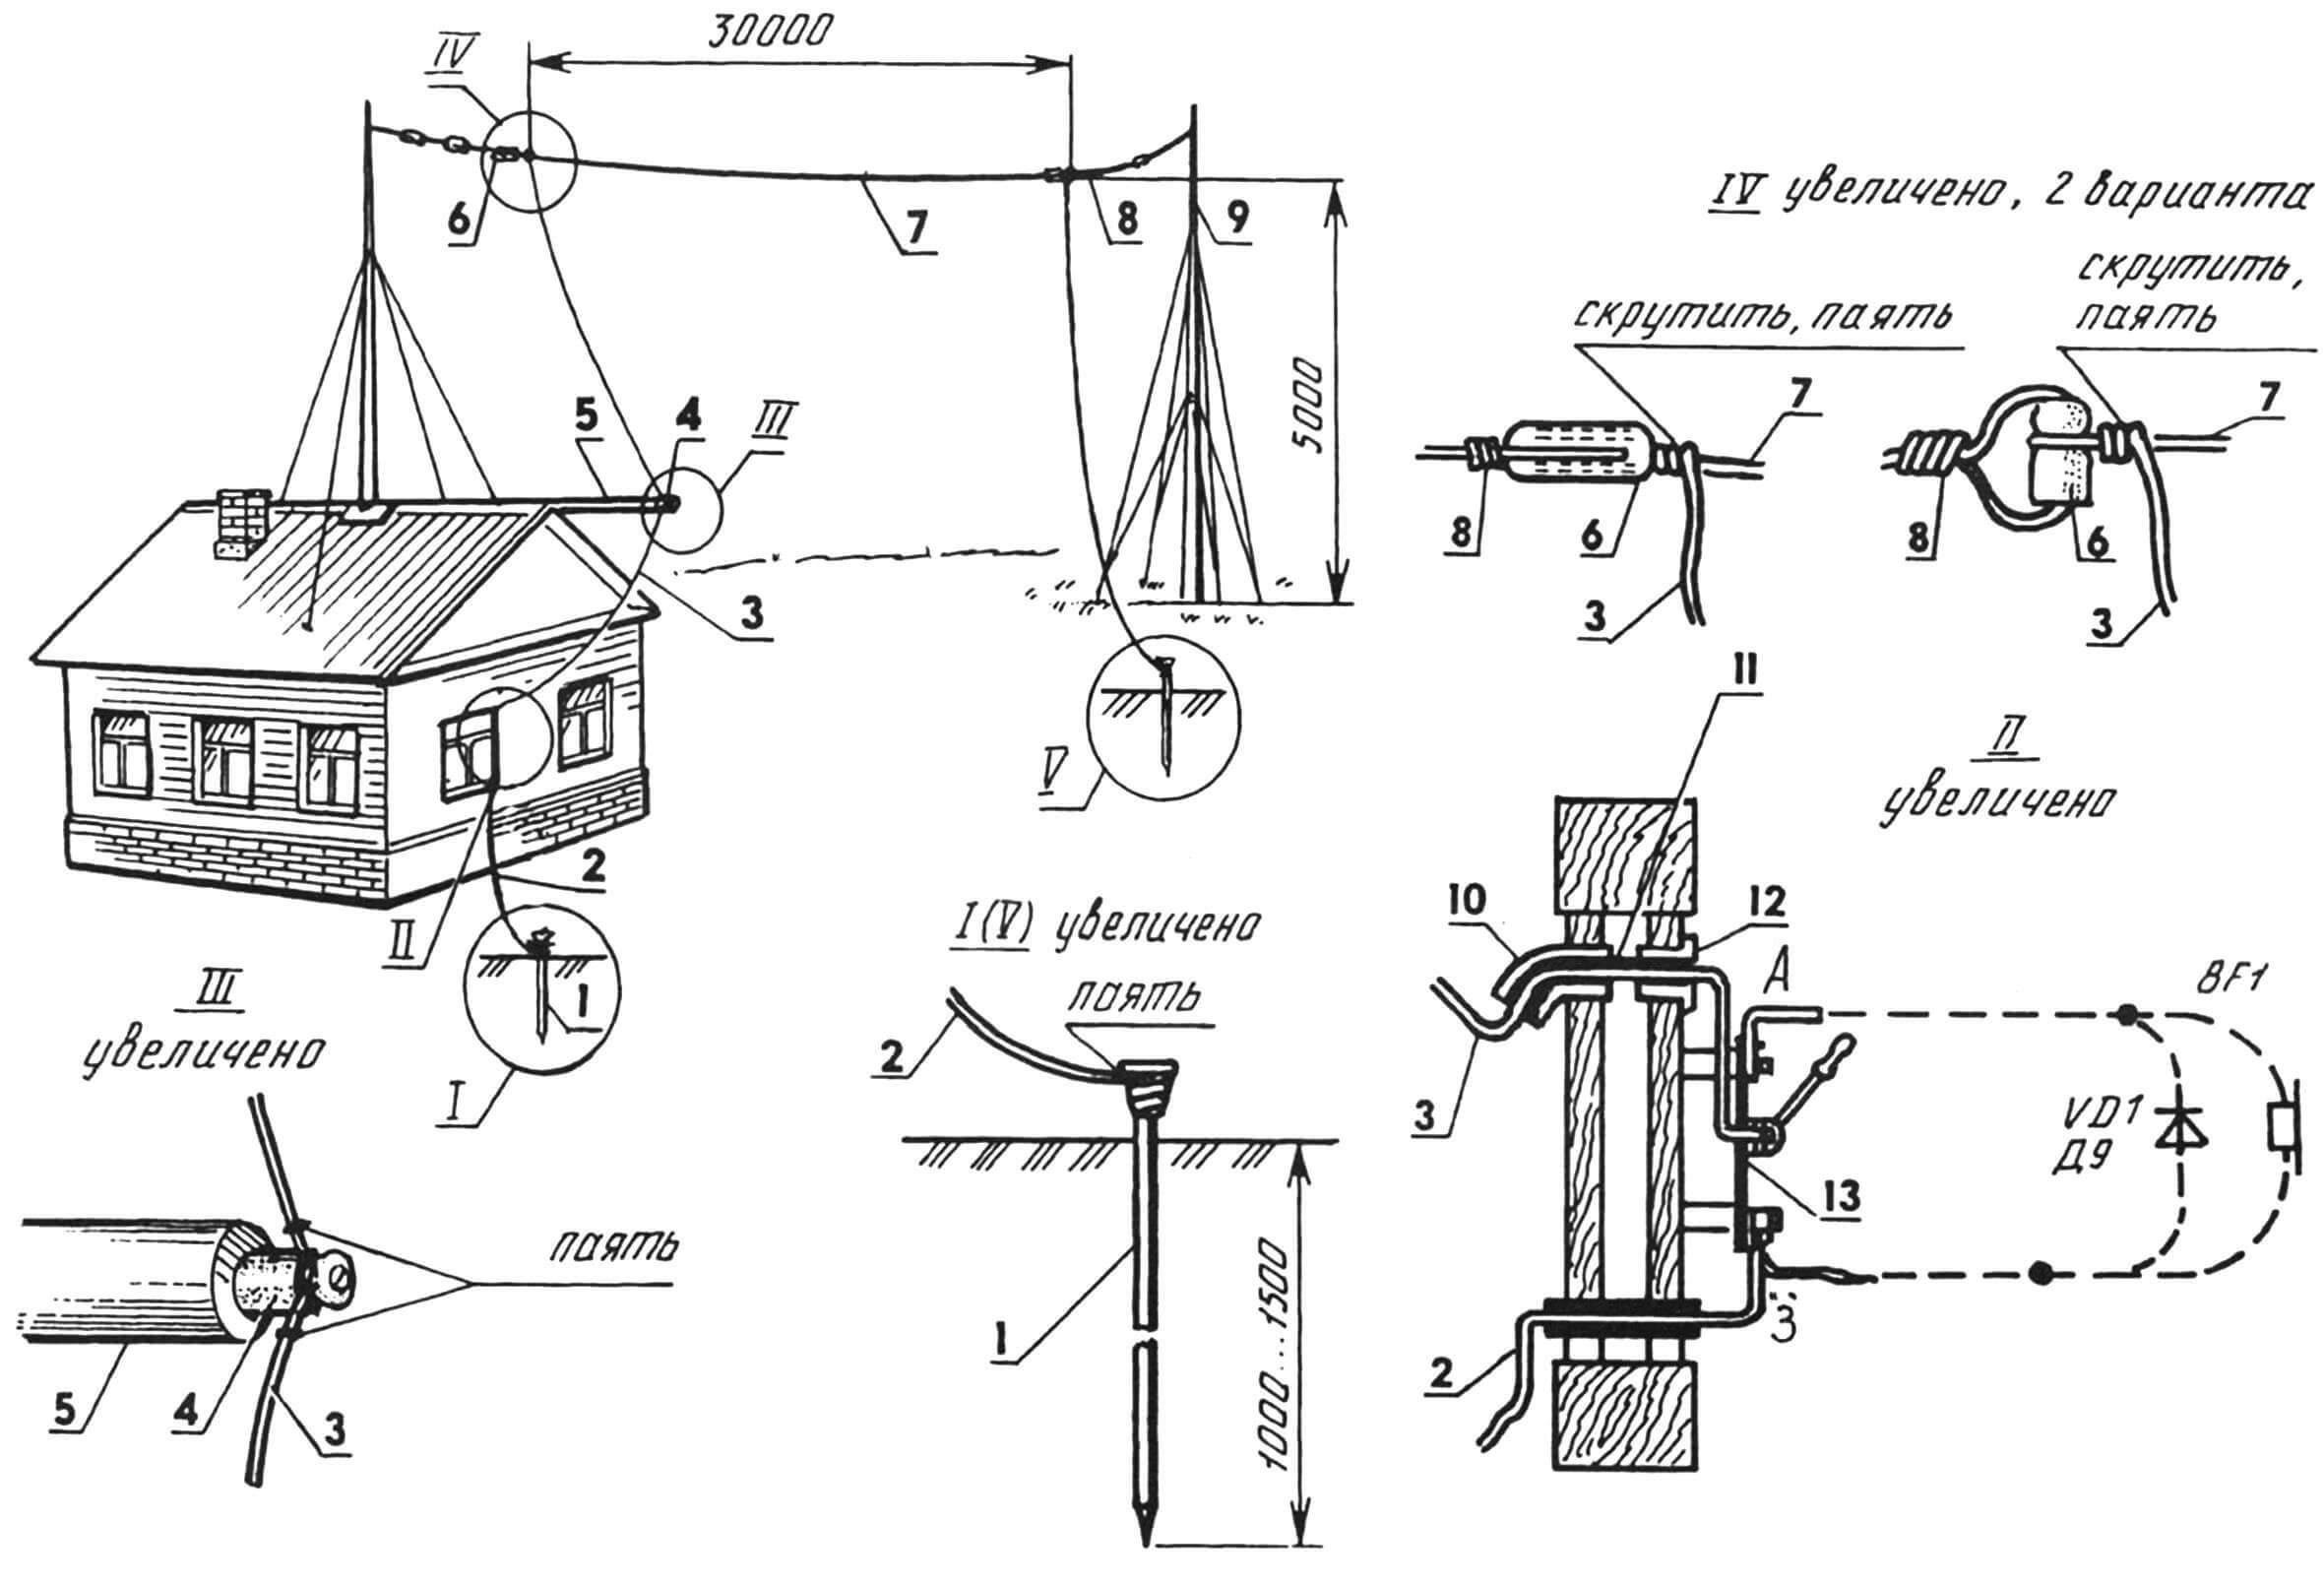 Рис.1. Г-образная антенна с двойным заземлением для приема передач широковещательных радиостанций на диод с наушником